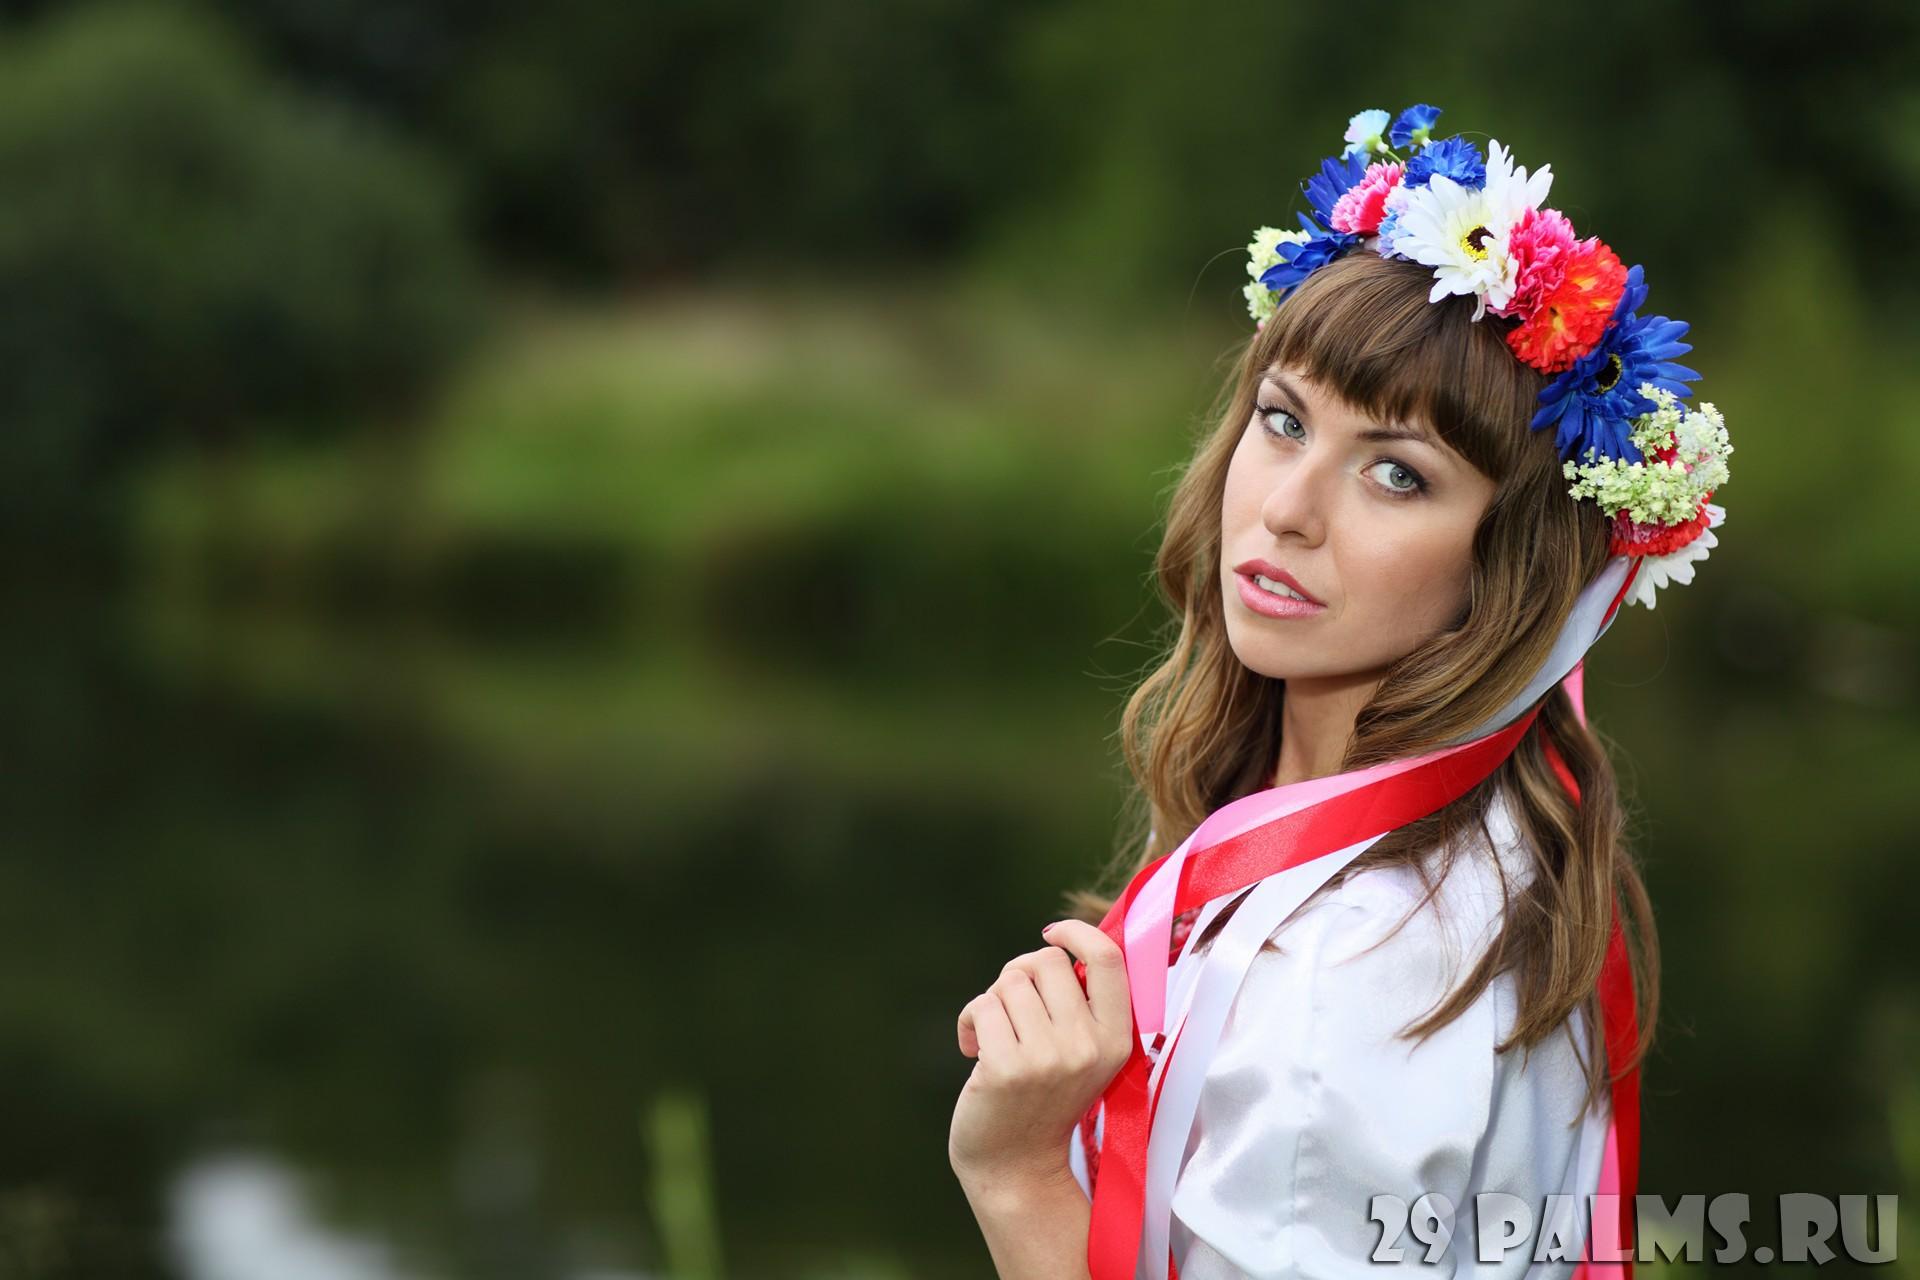 Украинские девочки на фото 4 фотография